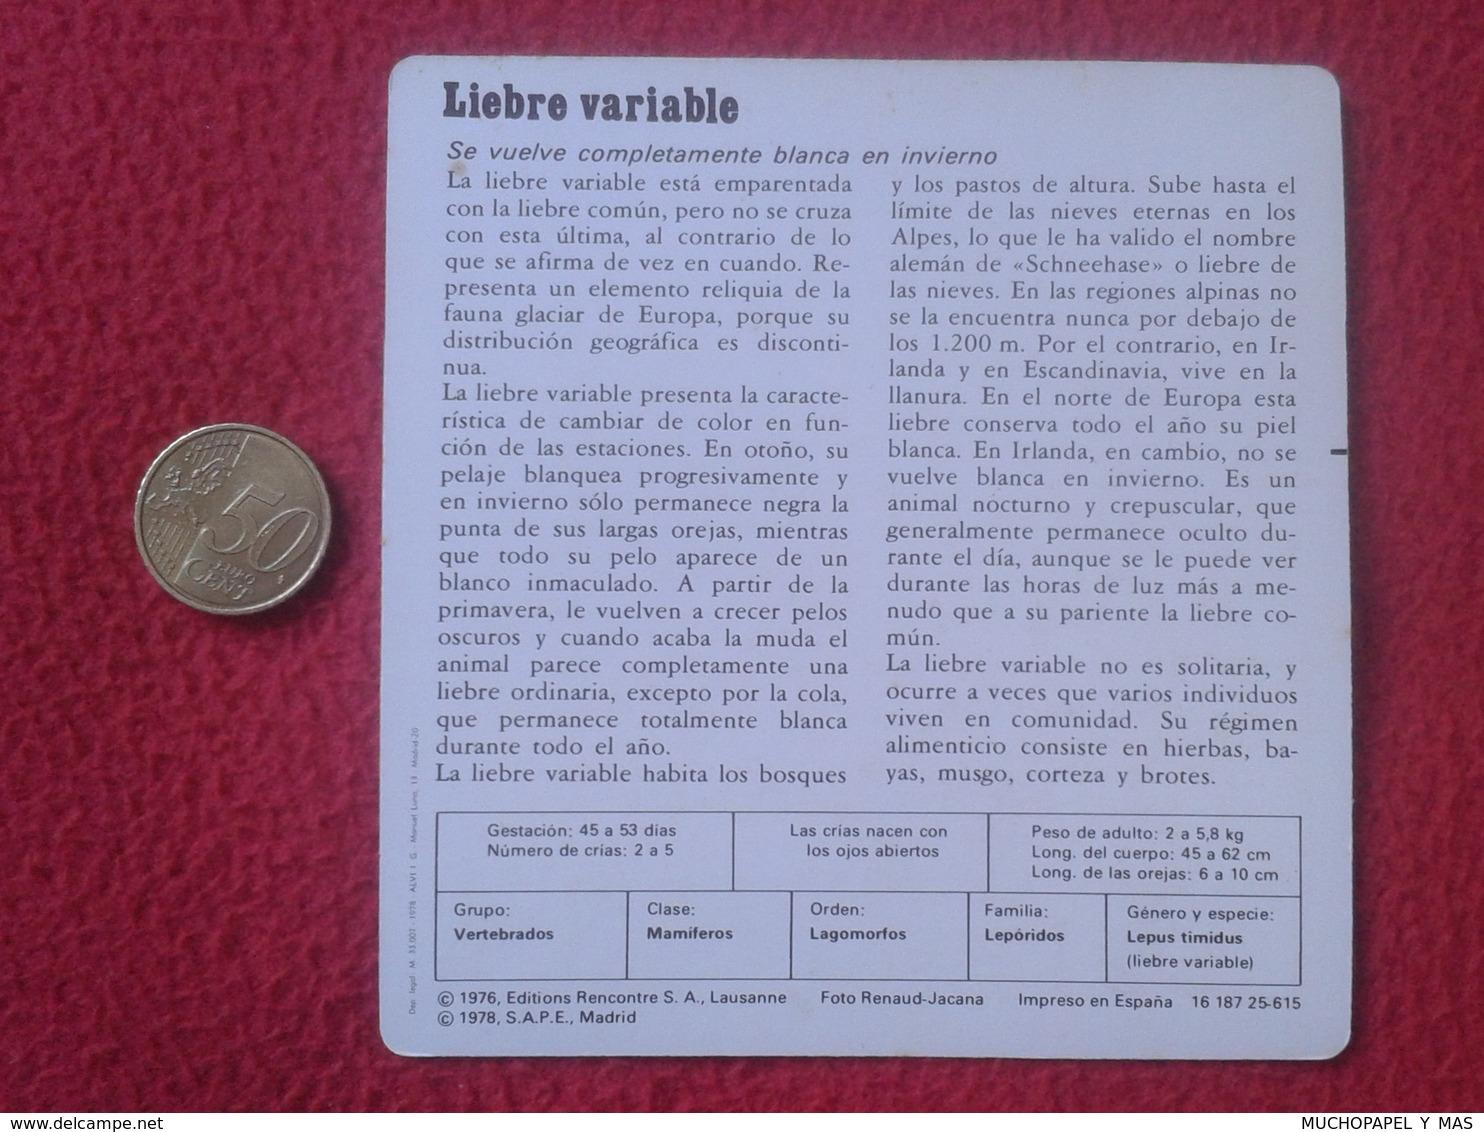 ESPAGNE SPAIN FICHA SHEET FICHE RABBIT LAPIN LIÈVRE HARE CONEJO HASE LIEBRE VARIABLE VER FOTO/S Y DESCRIPCIÓN ECOLOGÍA - Animales